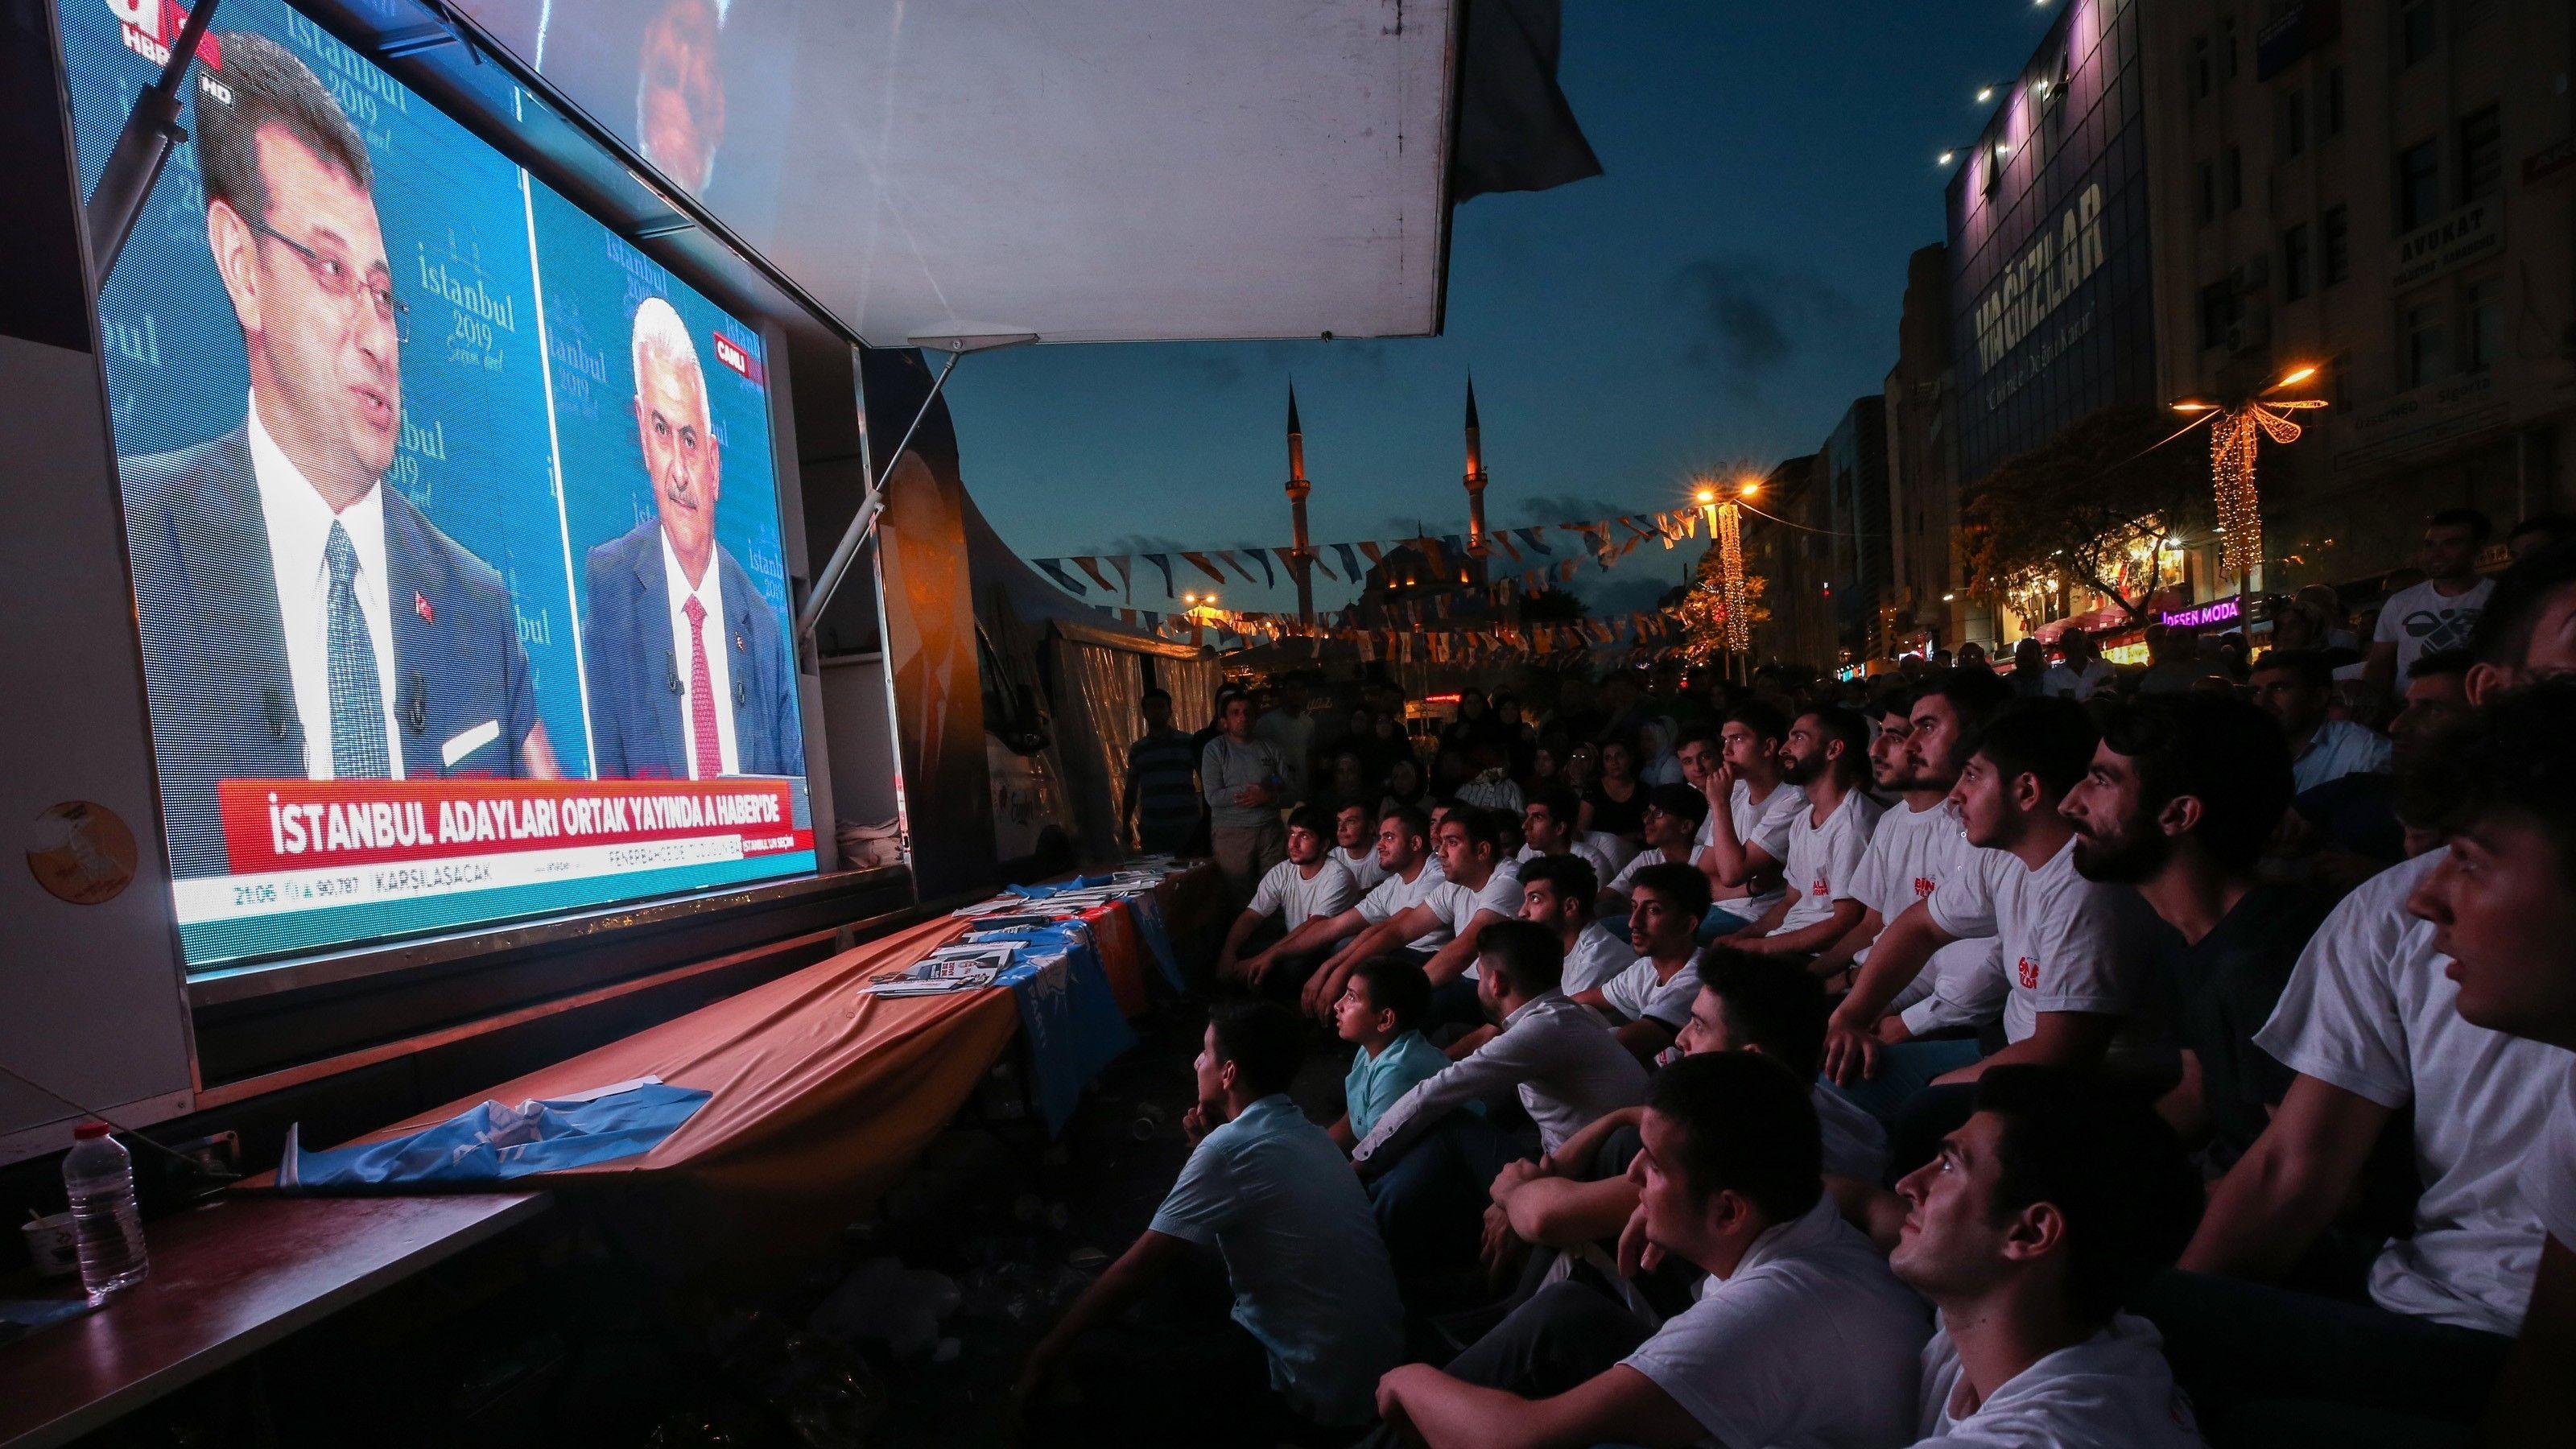 Menschen verfolgen TV-Duell zwischen Yildirim (AKP) und Imamoğlu (CHP) vor Bürgermeisterwahl in Istanbul unter freiem Himmel